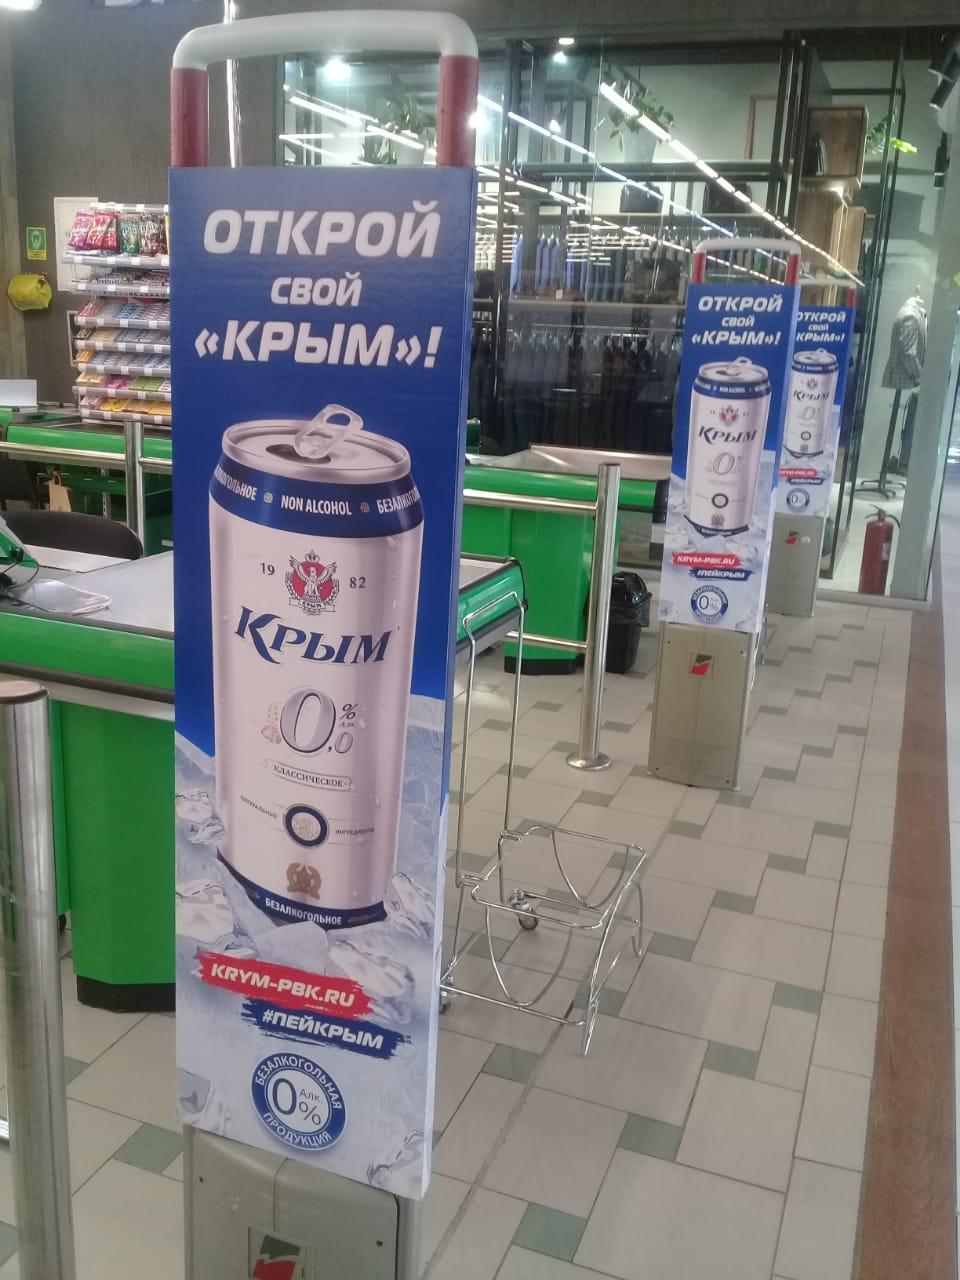 Чекпоинт 1 Центр упаковки и дизайна Севастополь